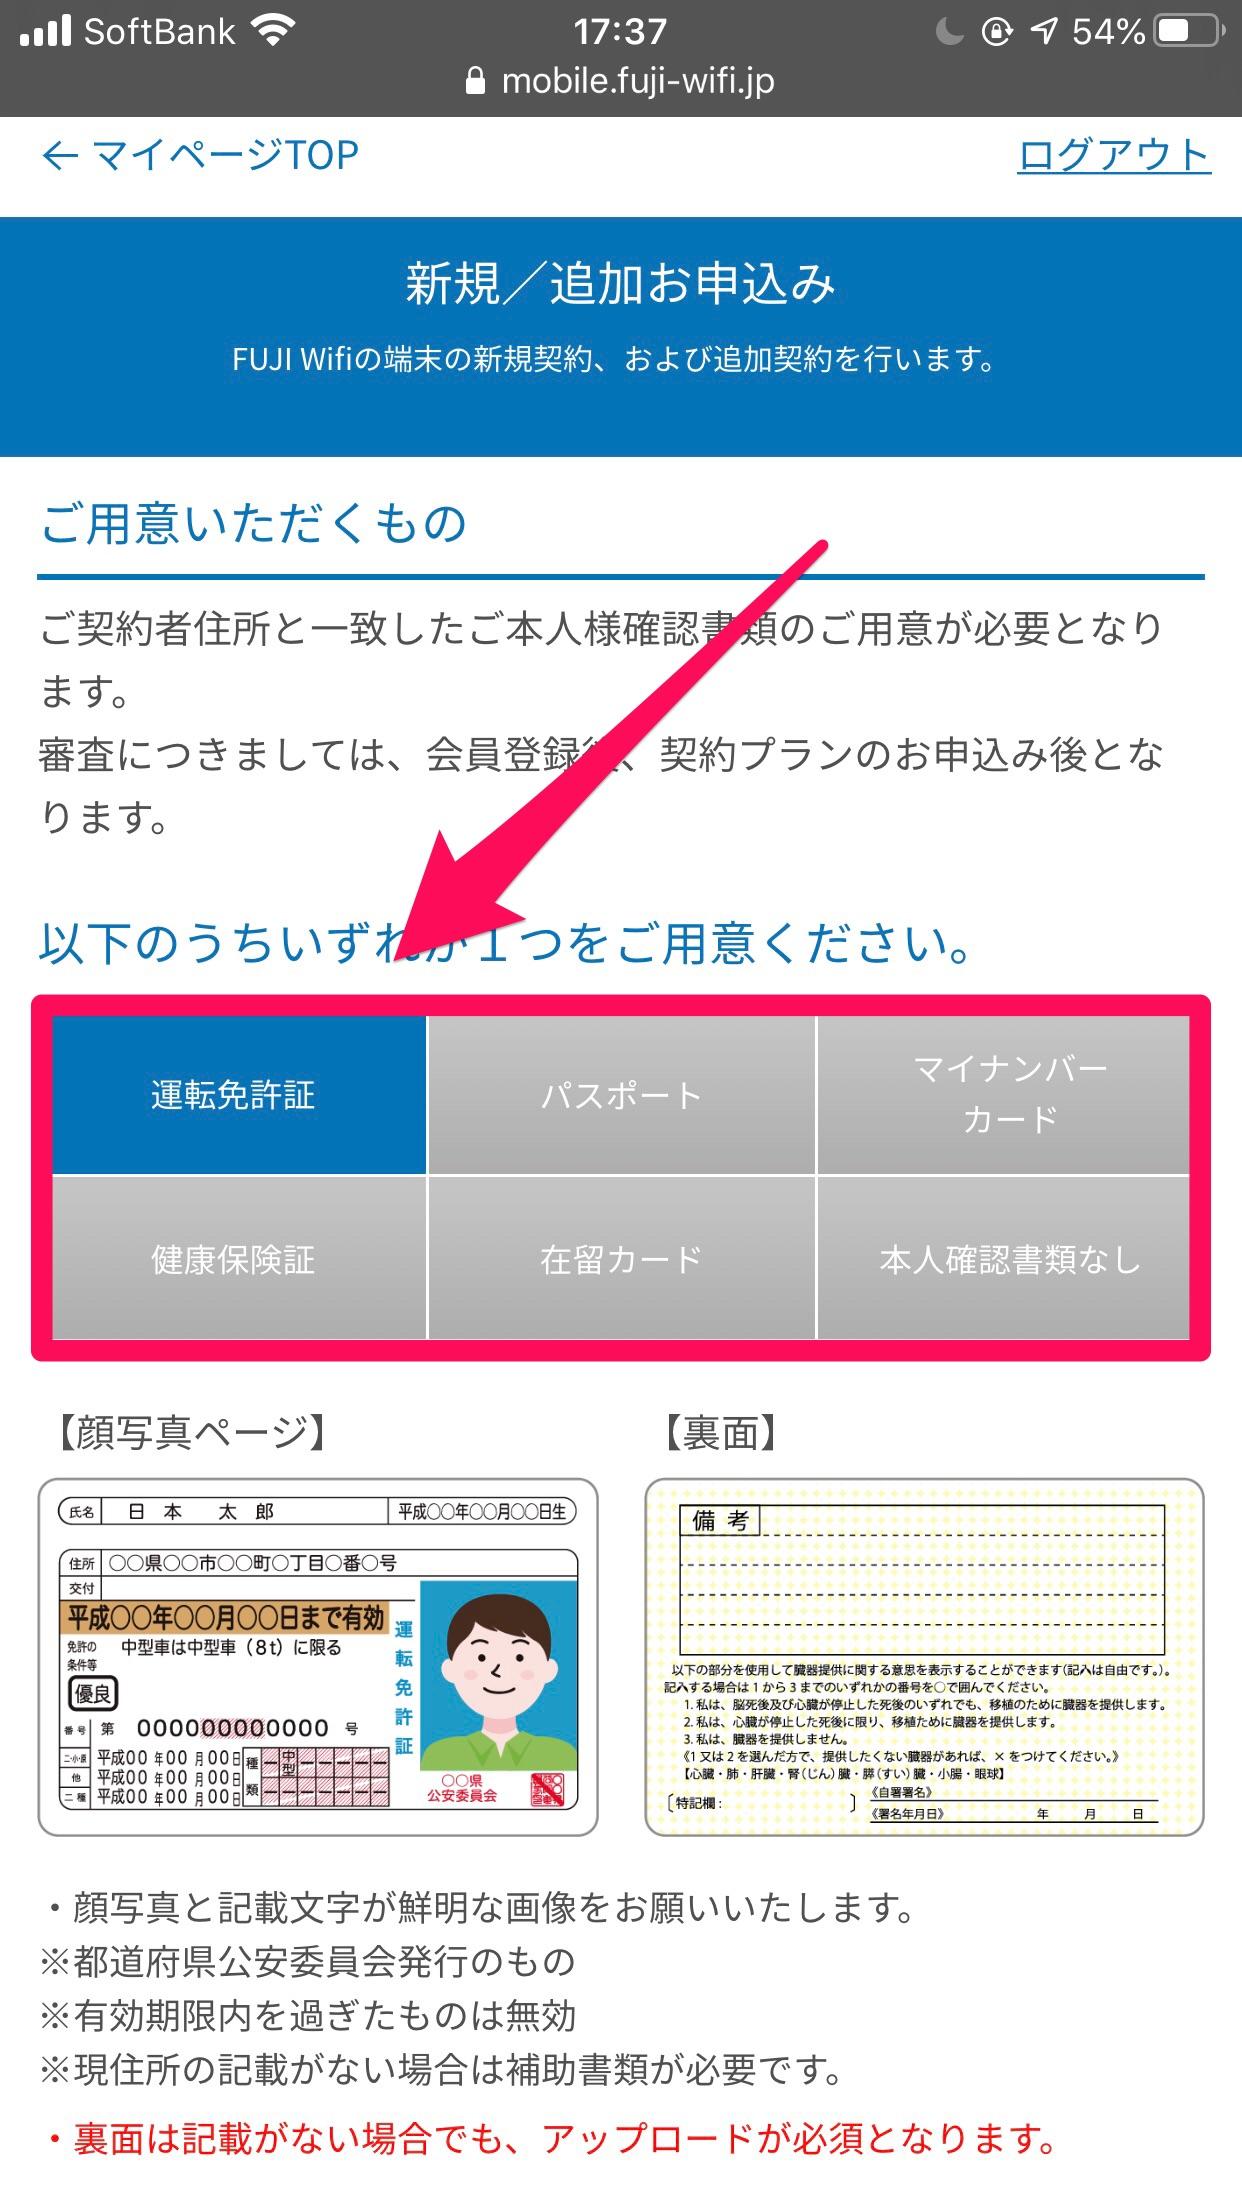 FUJI Wifi申し込み手順7